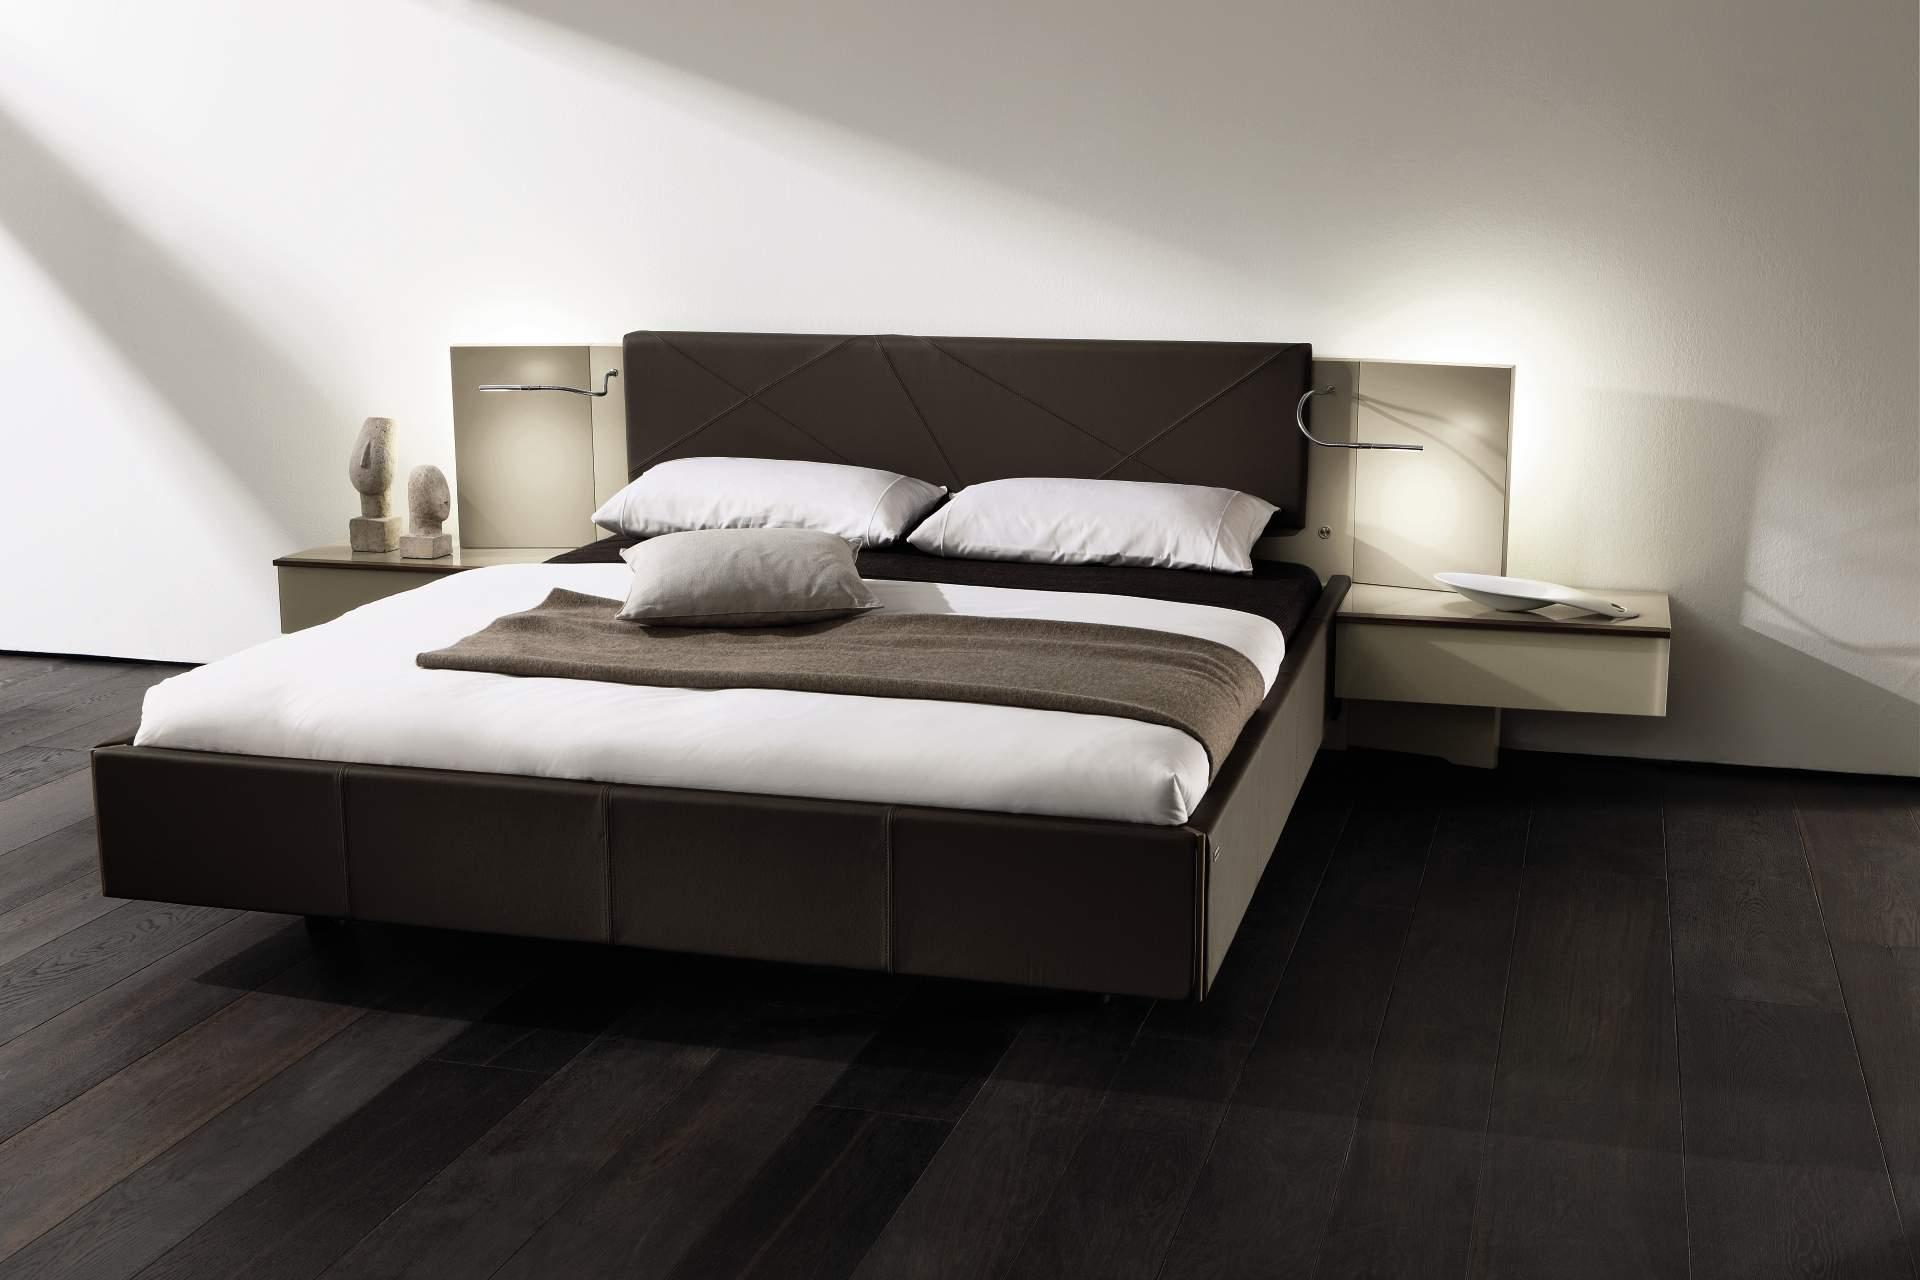 hulsta bedroom furniture lunis furniture u003e now by hulsta modern home furniture. Black Bedroom Furniture Sets. Home Design Ideas